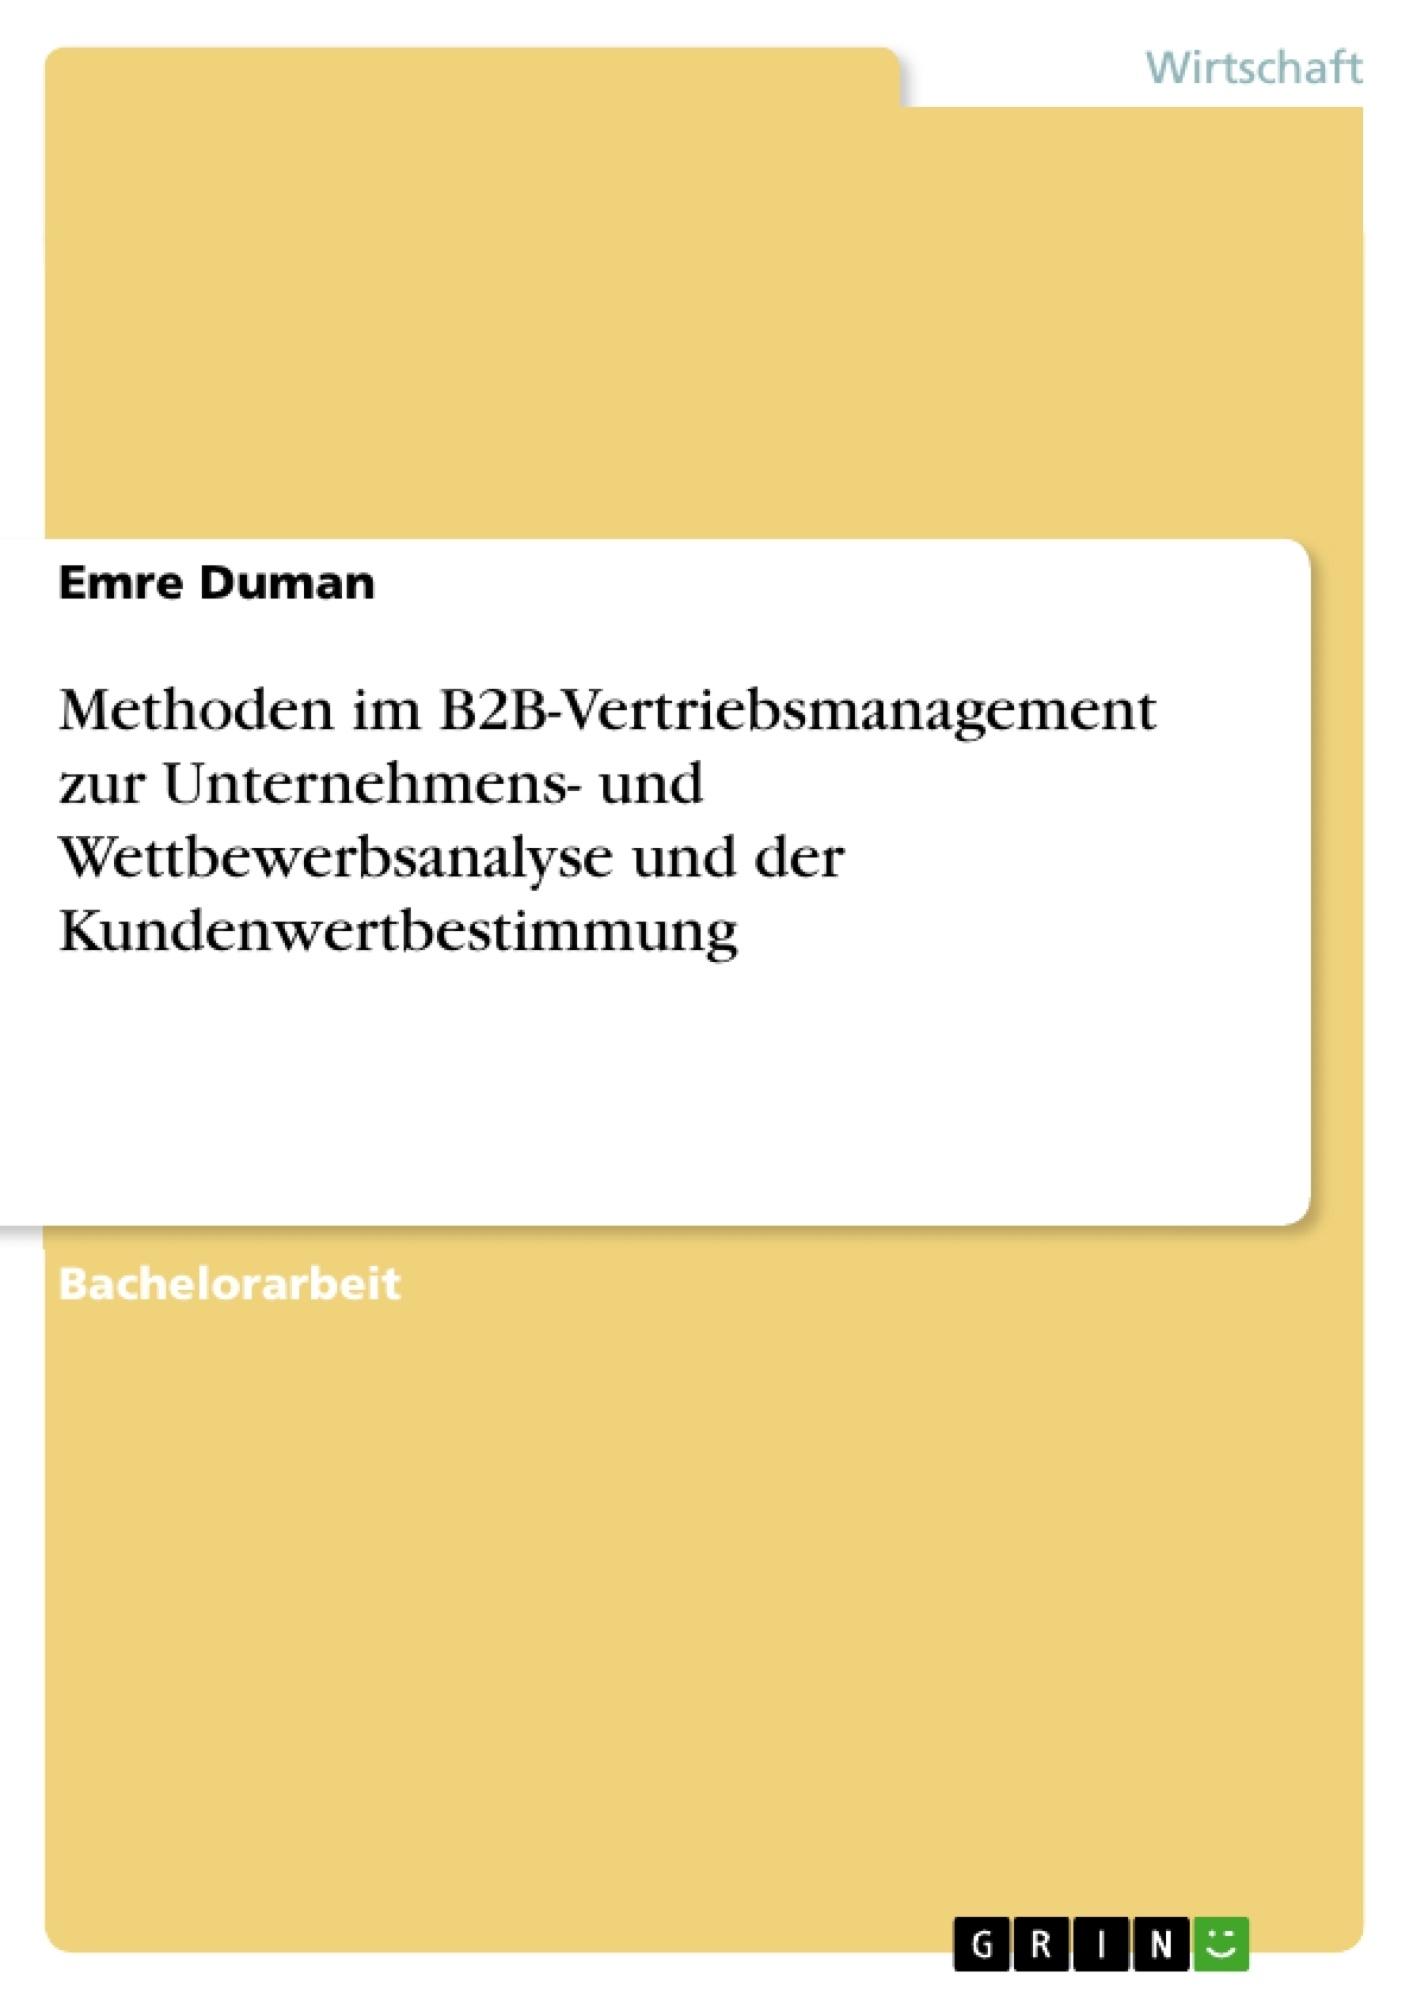 Titel: Methoden im B2B-Vertriebsmanagement zur Unternehmens- und Wettbewerbsanalyse und der Kundenwertbestimmung